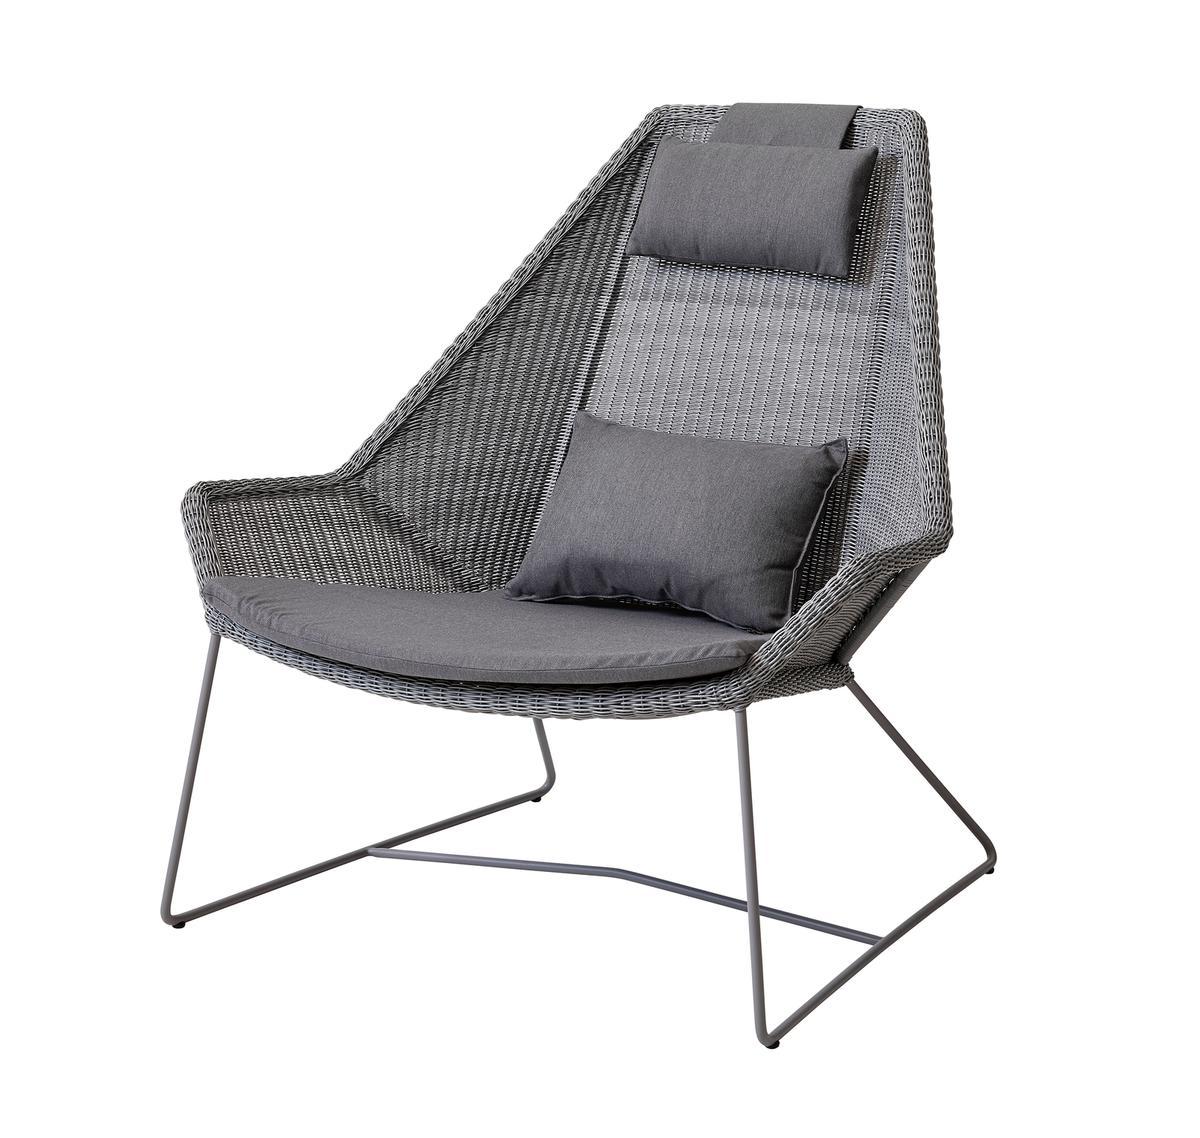 Градинско кресло с висока облегалка Breeze - сива възглавница